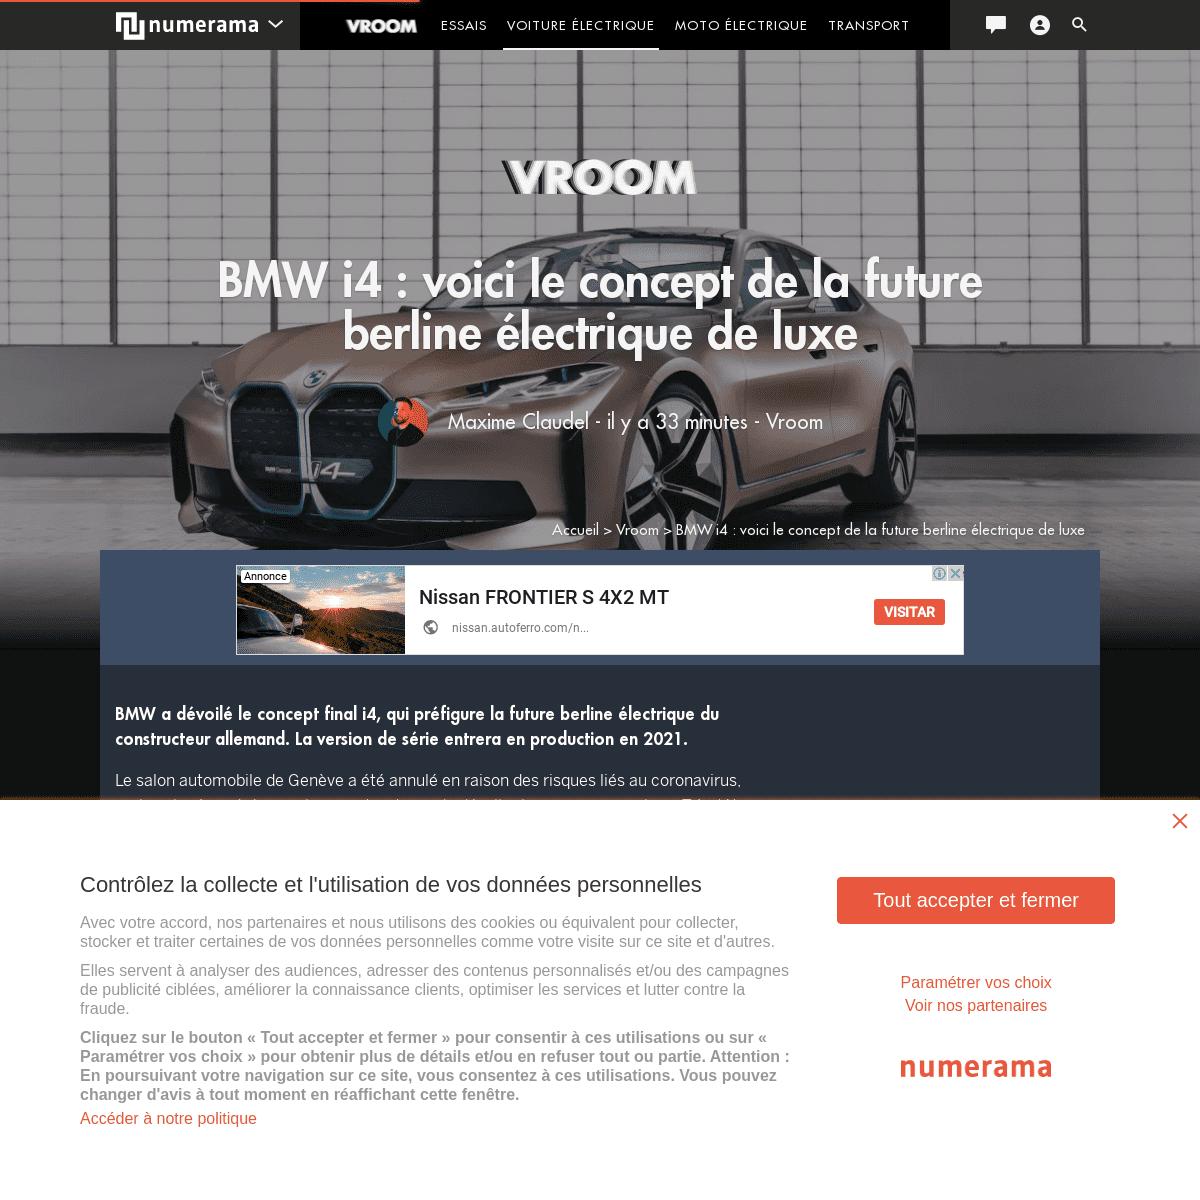 BMW i4 - voici le concept de la future berline électrique de luxe - Vroom - Numerama